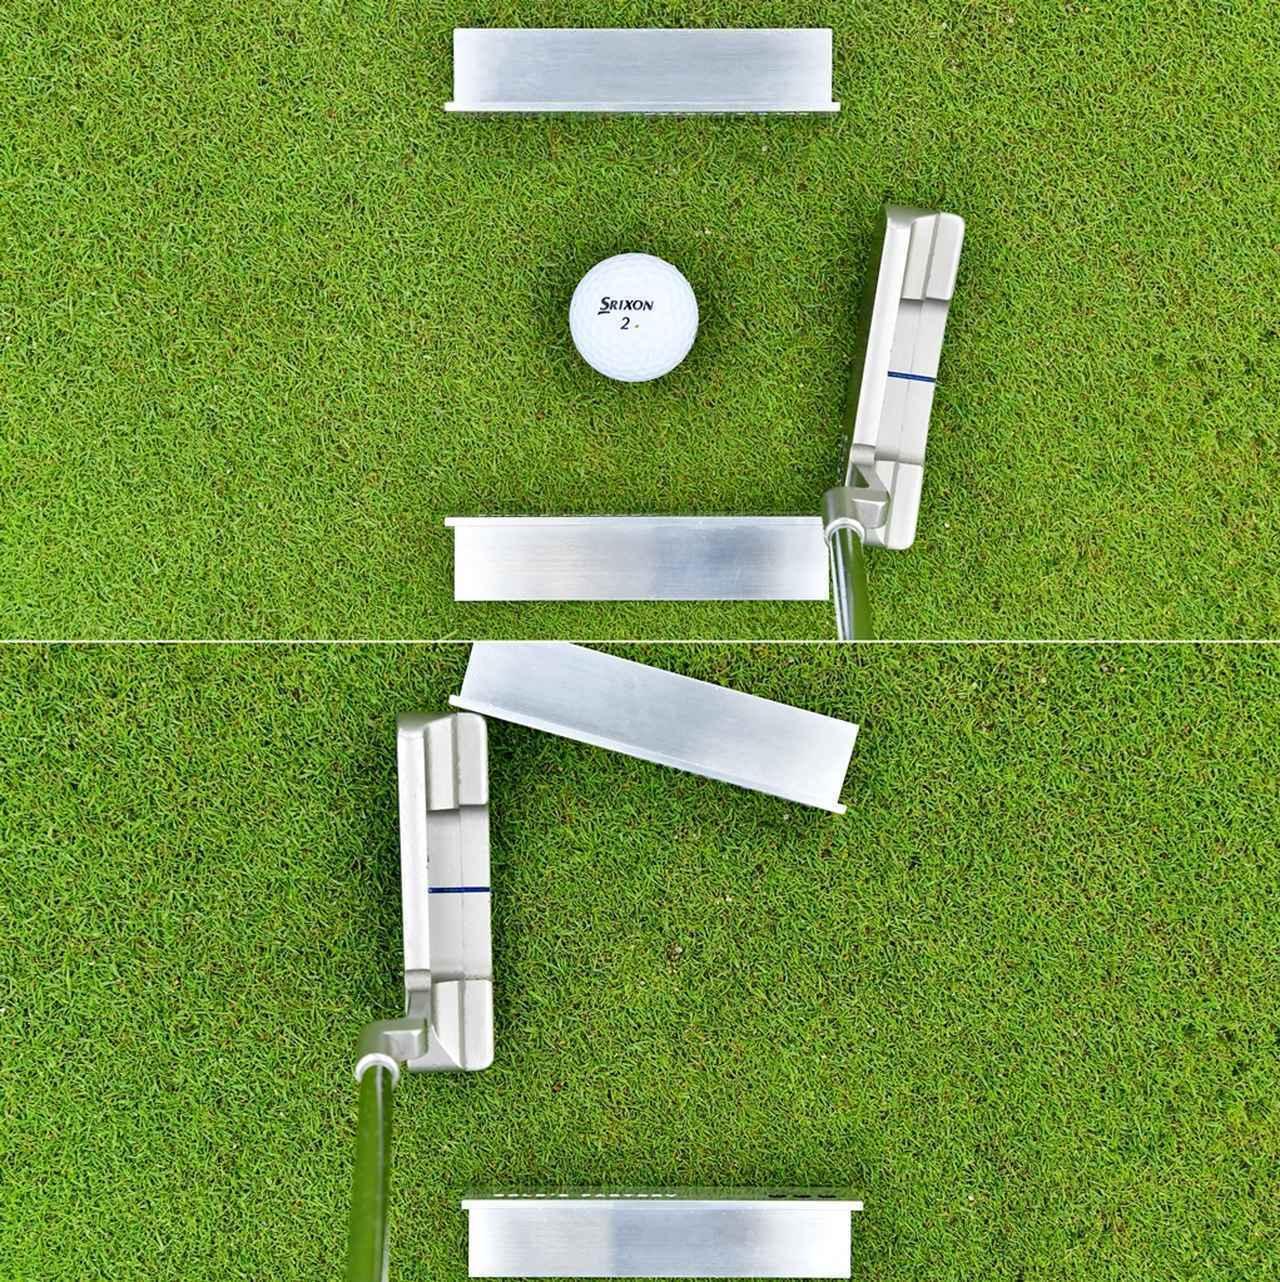 画像: (上)ダウンスウィングで手前のクランプにヒールが引っかかる (下)フォローで外側のクランプをこする